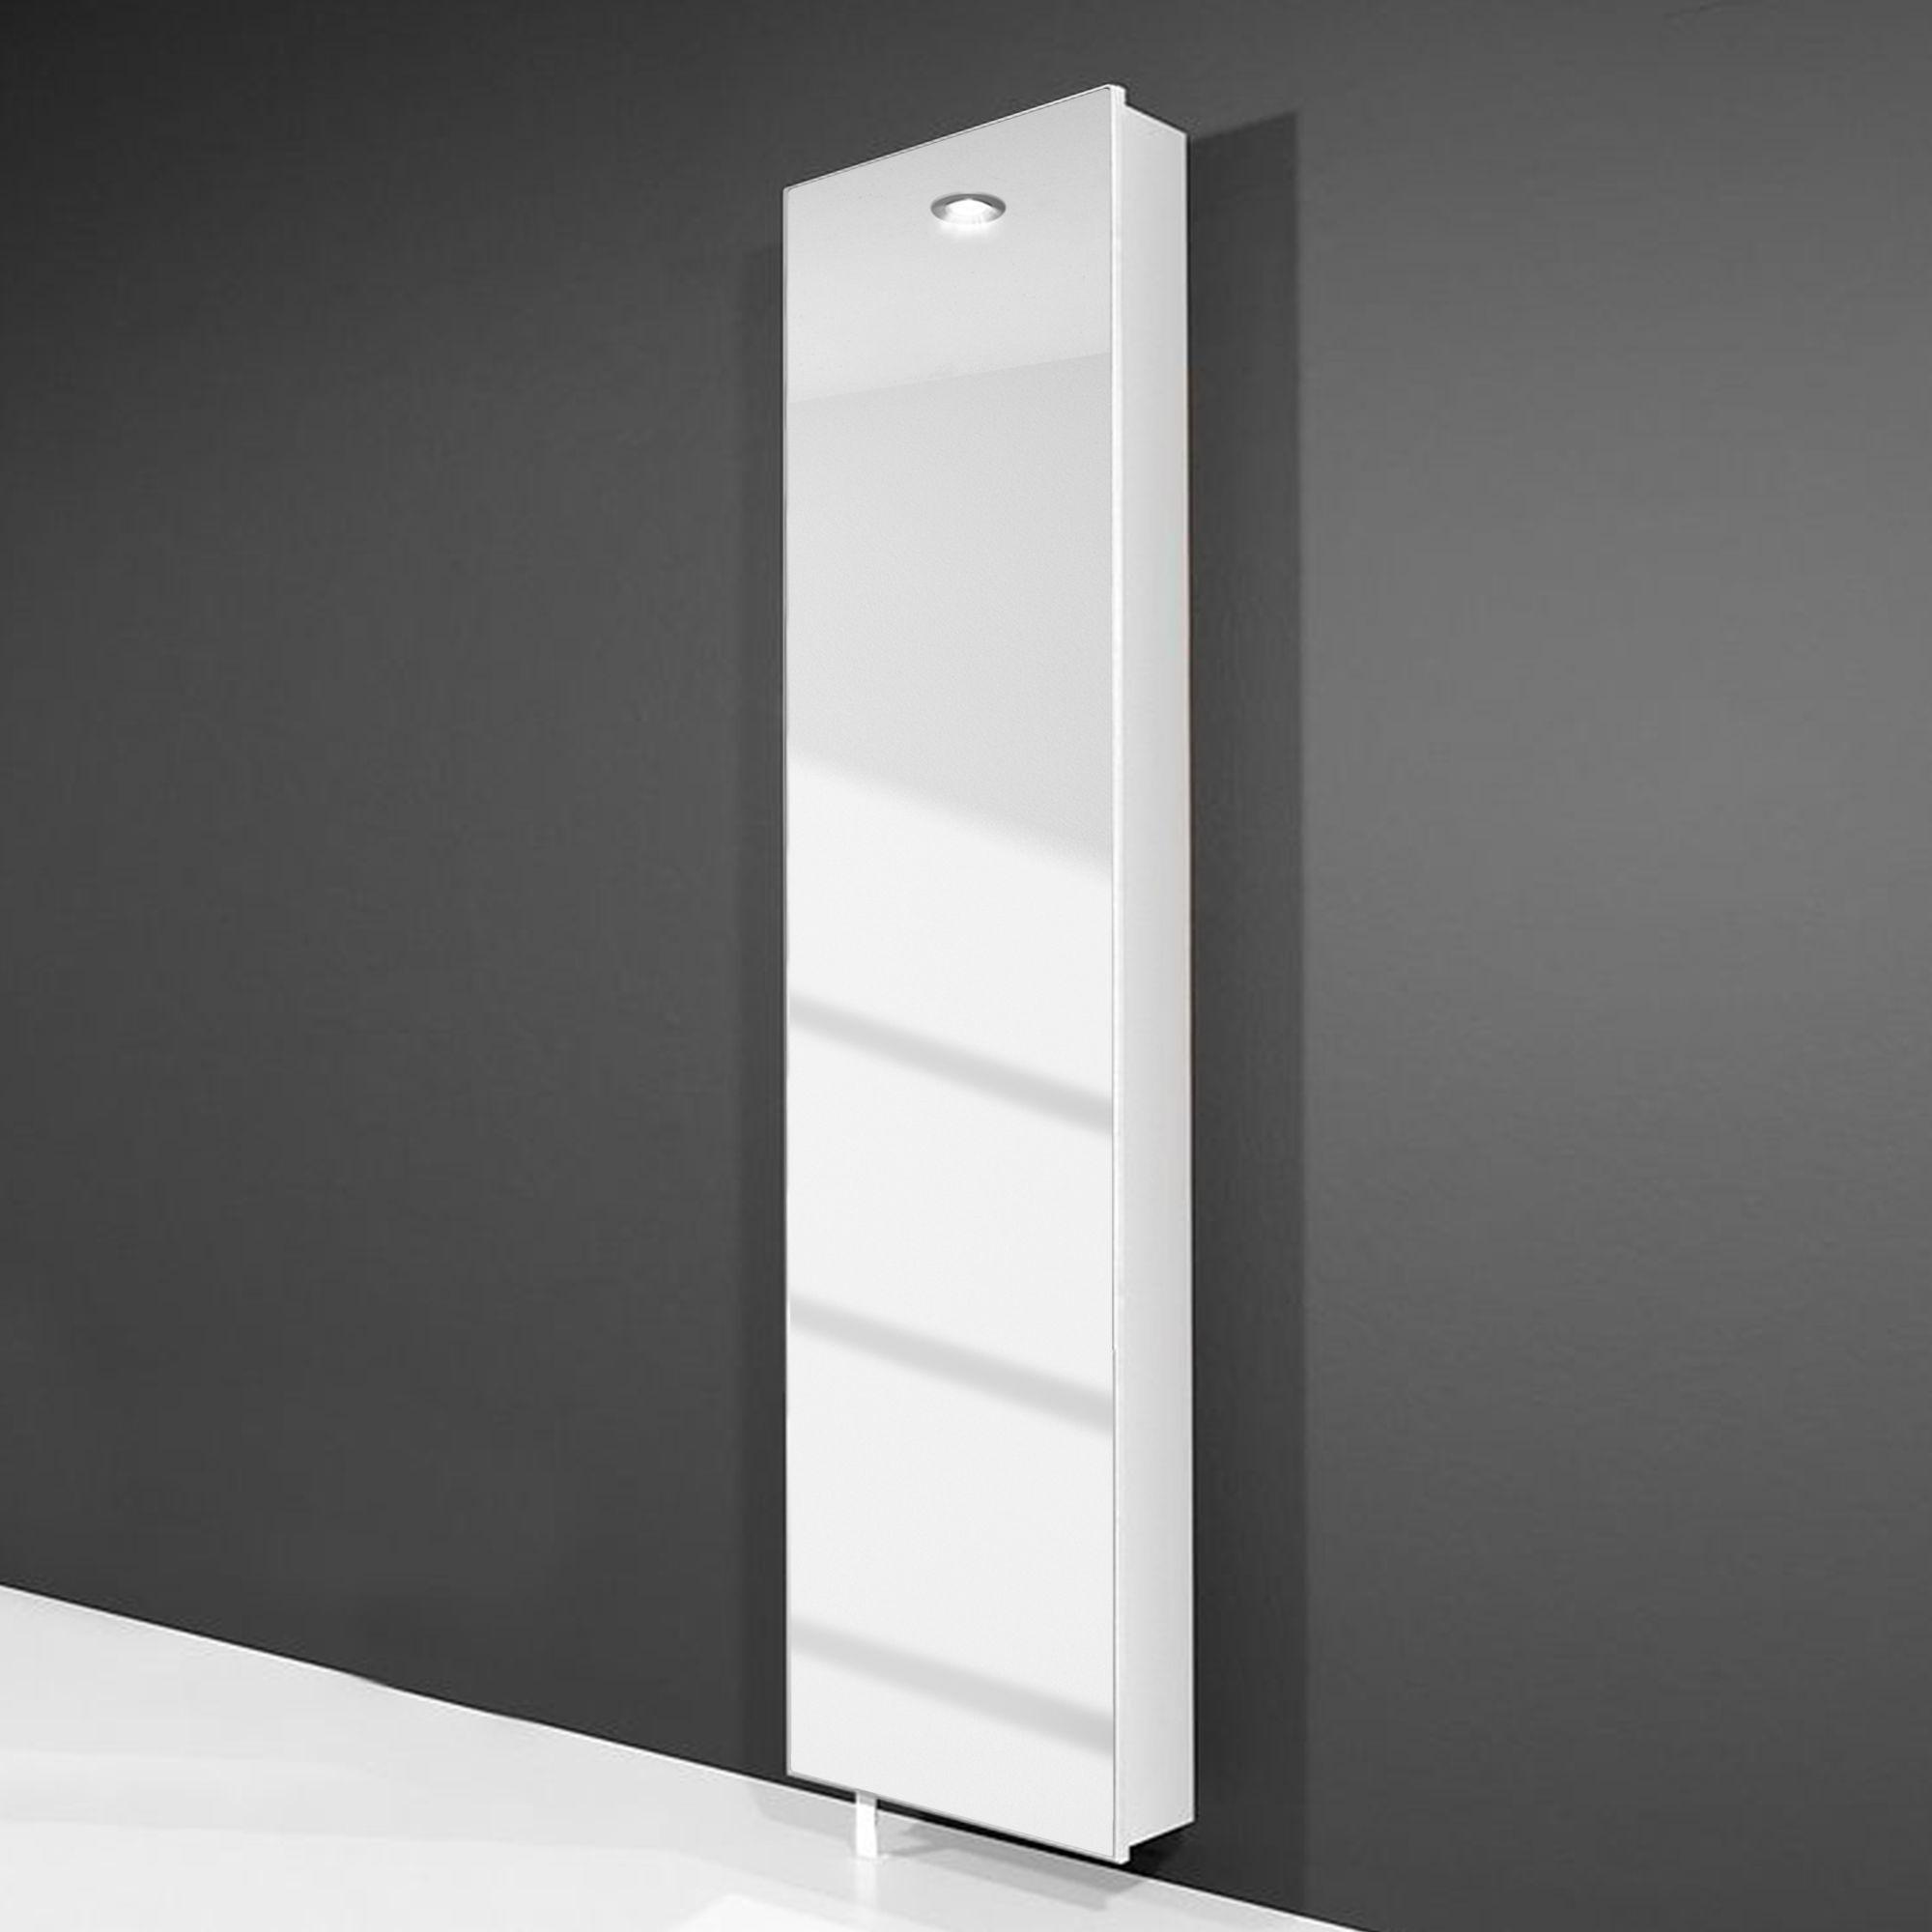 Schuhschrank Drehbar Mit Spiegel